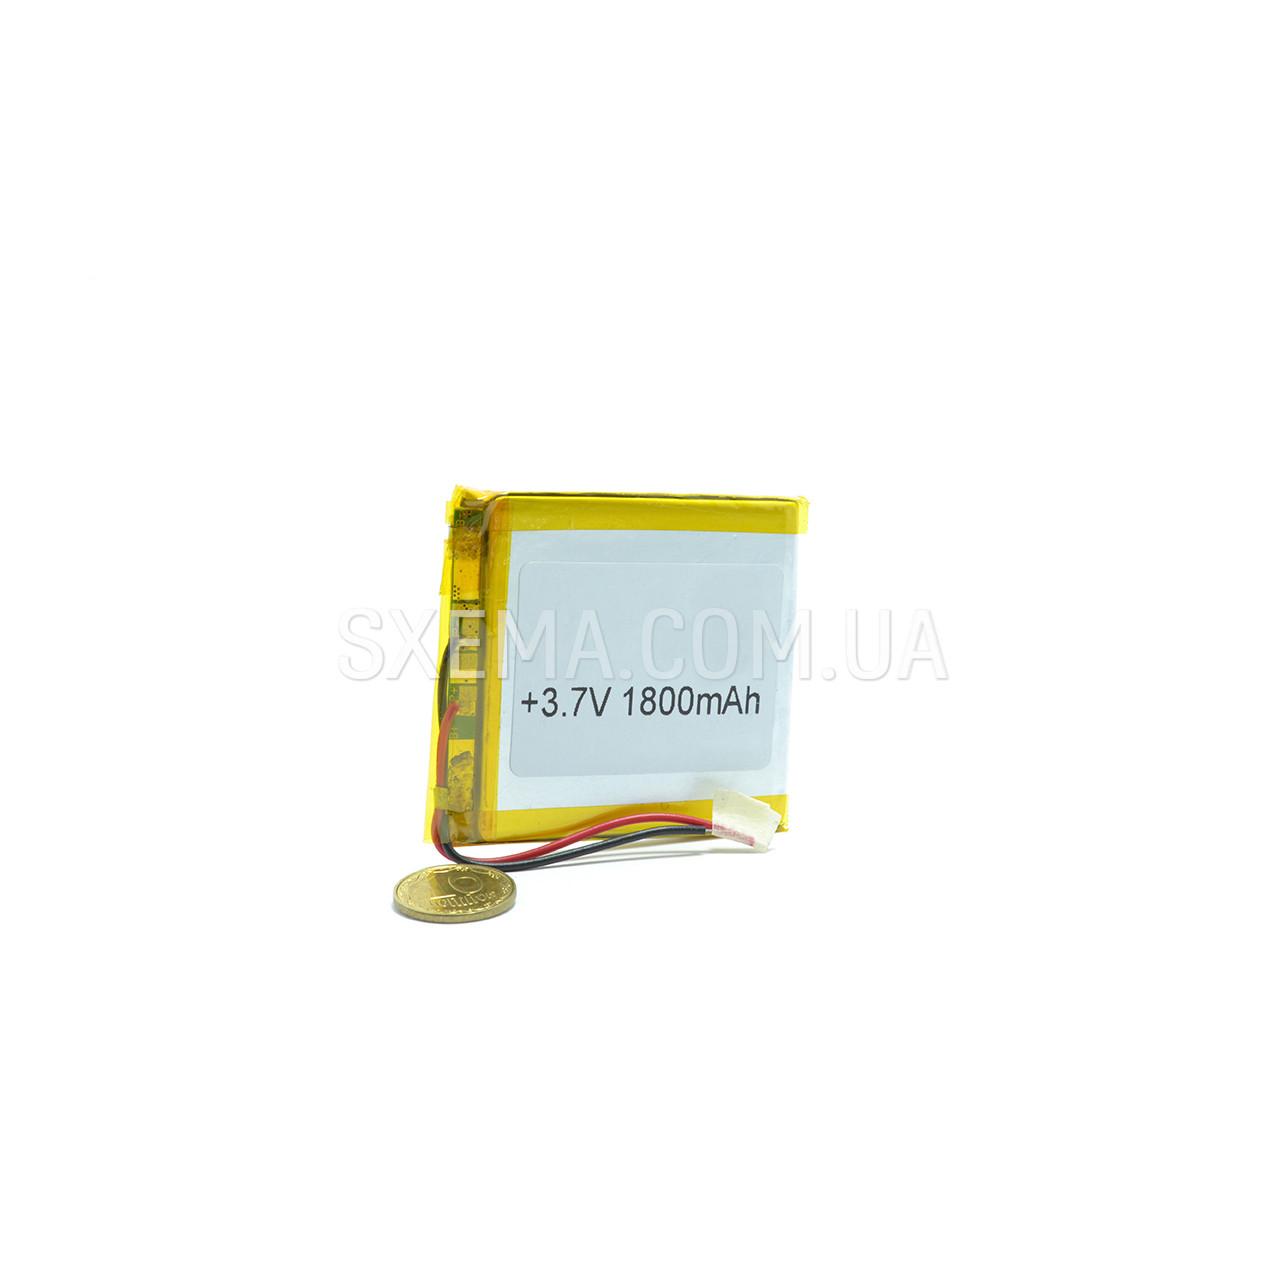 Аккумулятор универсальный 044555 (Li-ion 3.7В 1800мА·ч), (55*45*4 мм)